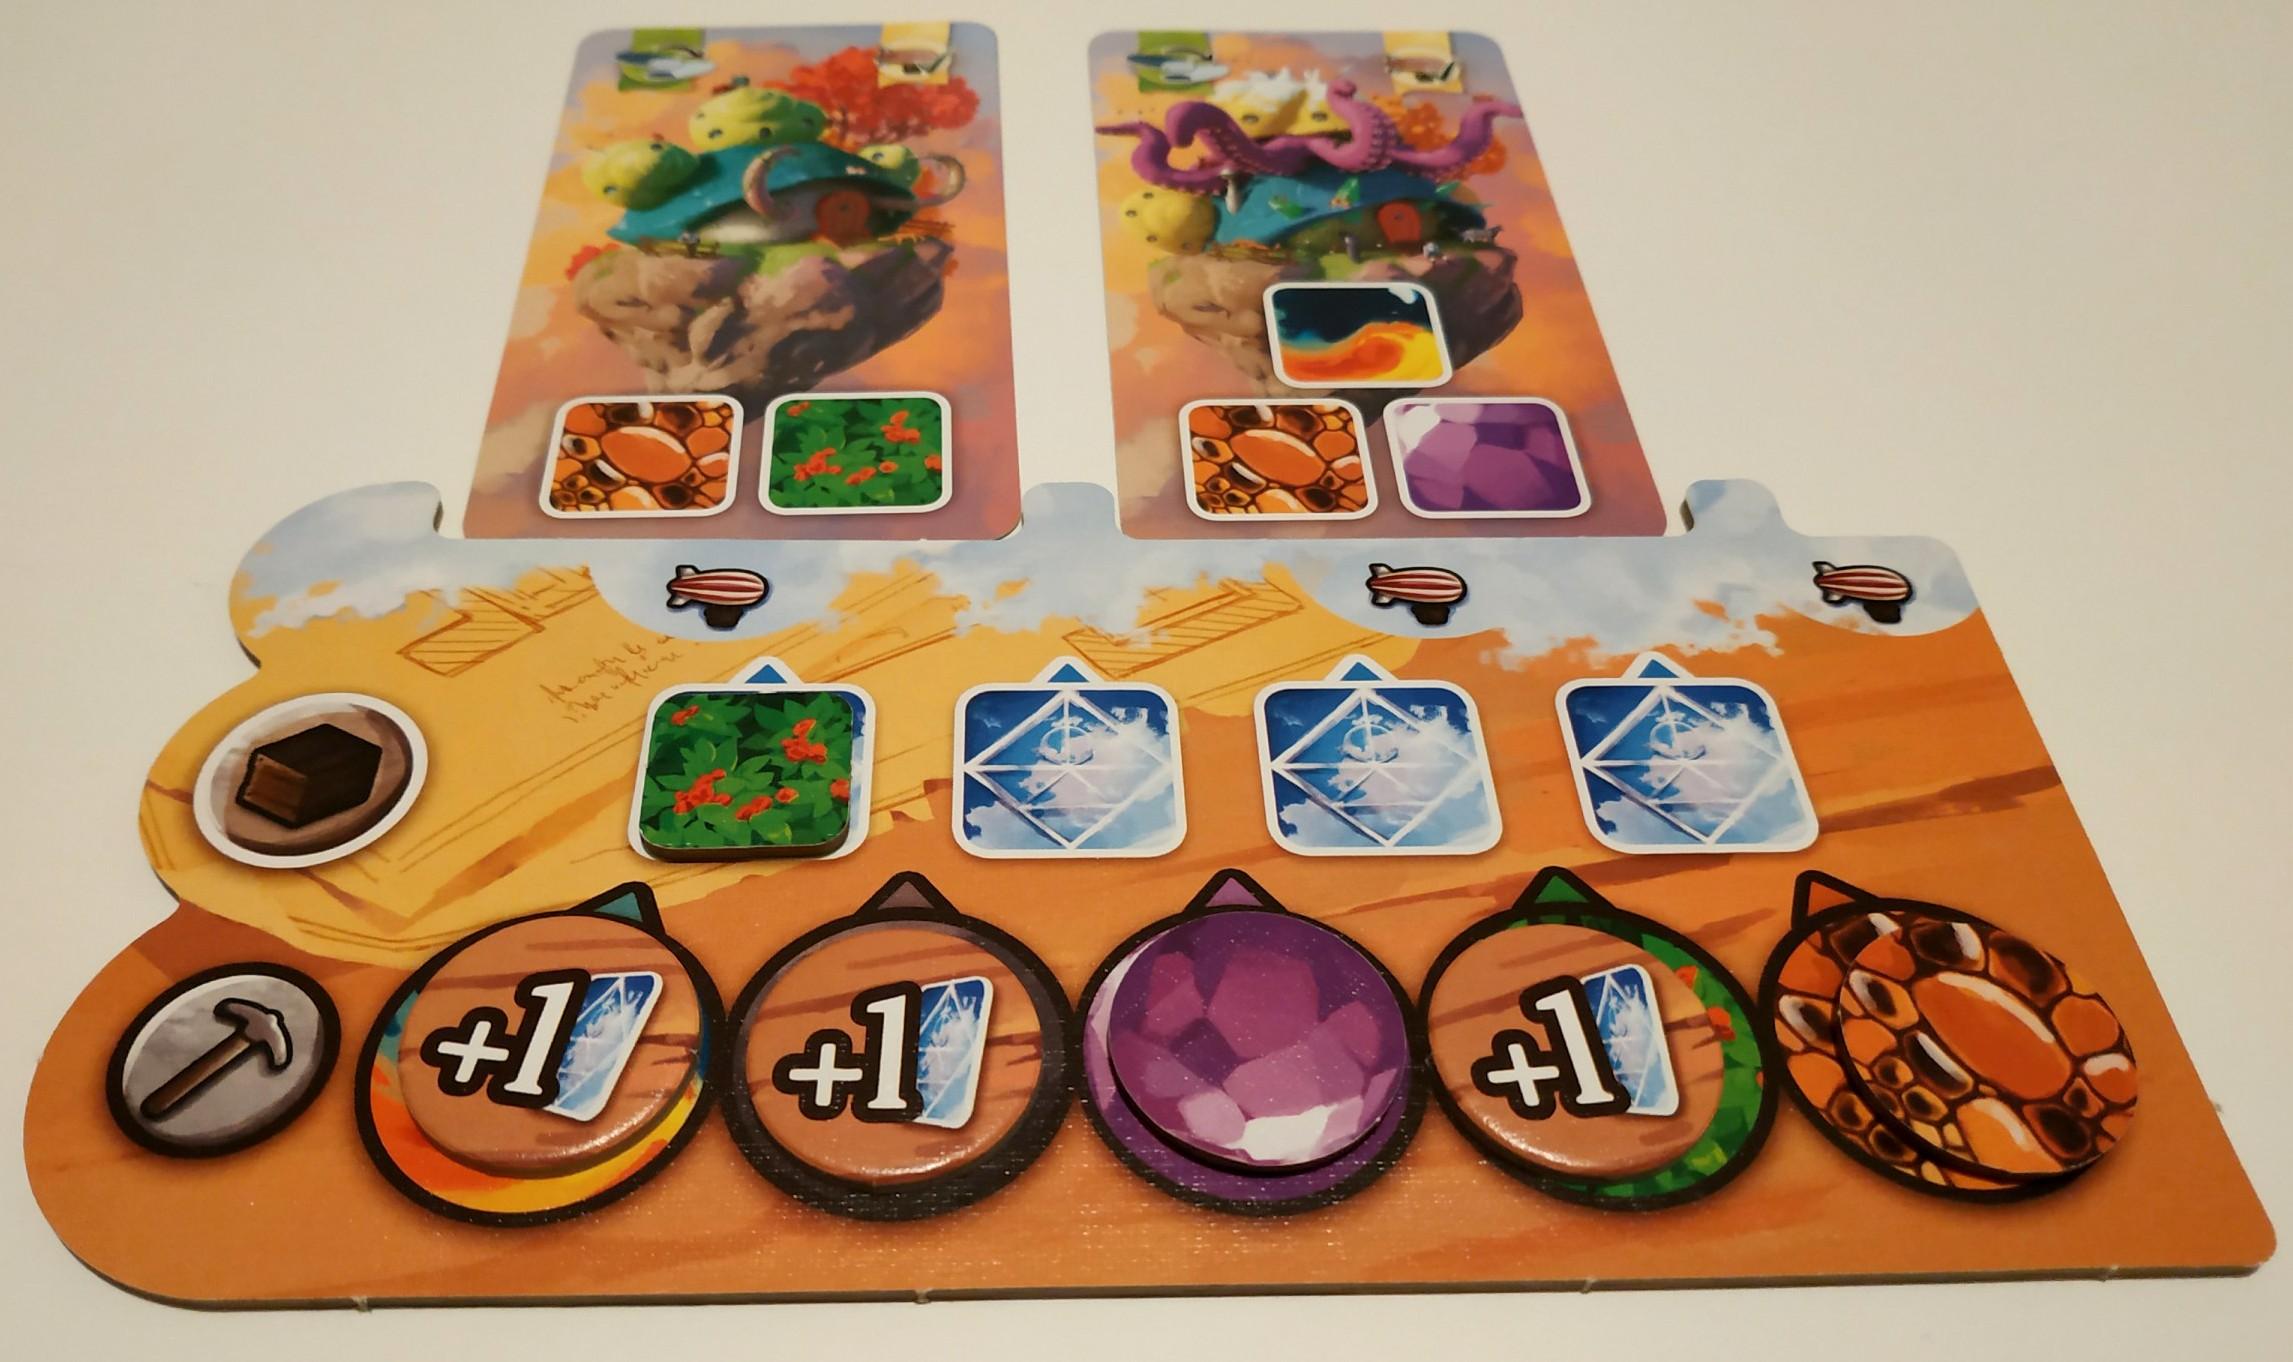 Ici, le joueur peut produire maximum 3 occurrences des deux ressources visibles